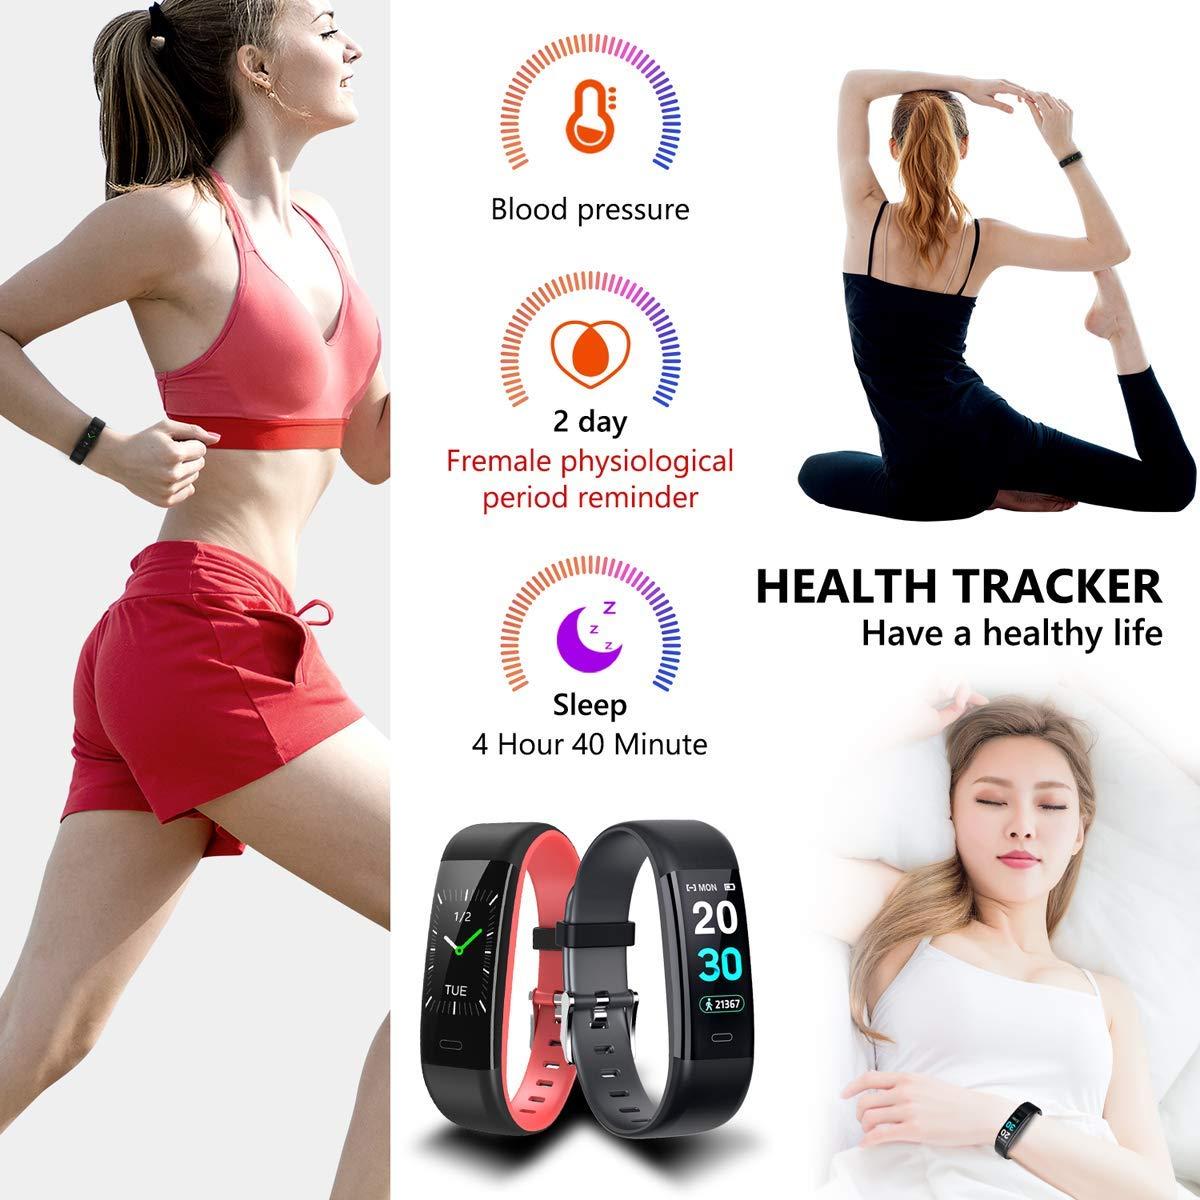 mgaolo fitness tracker 2 image